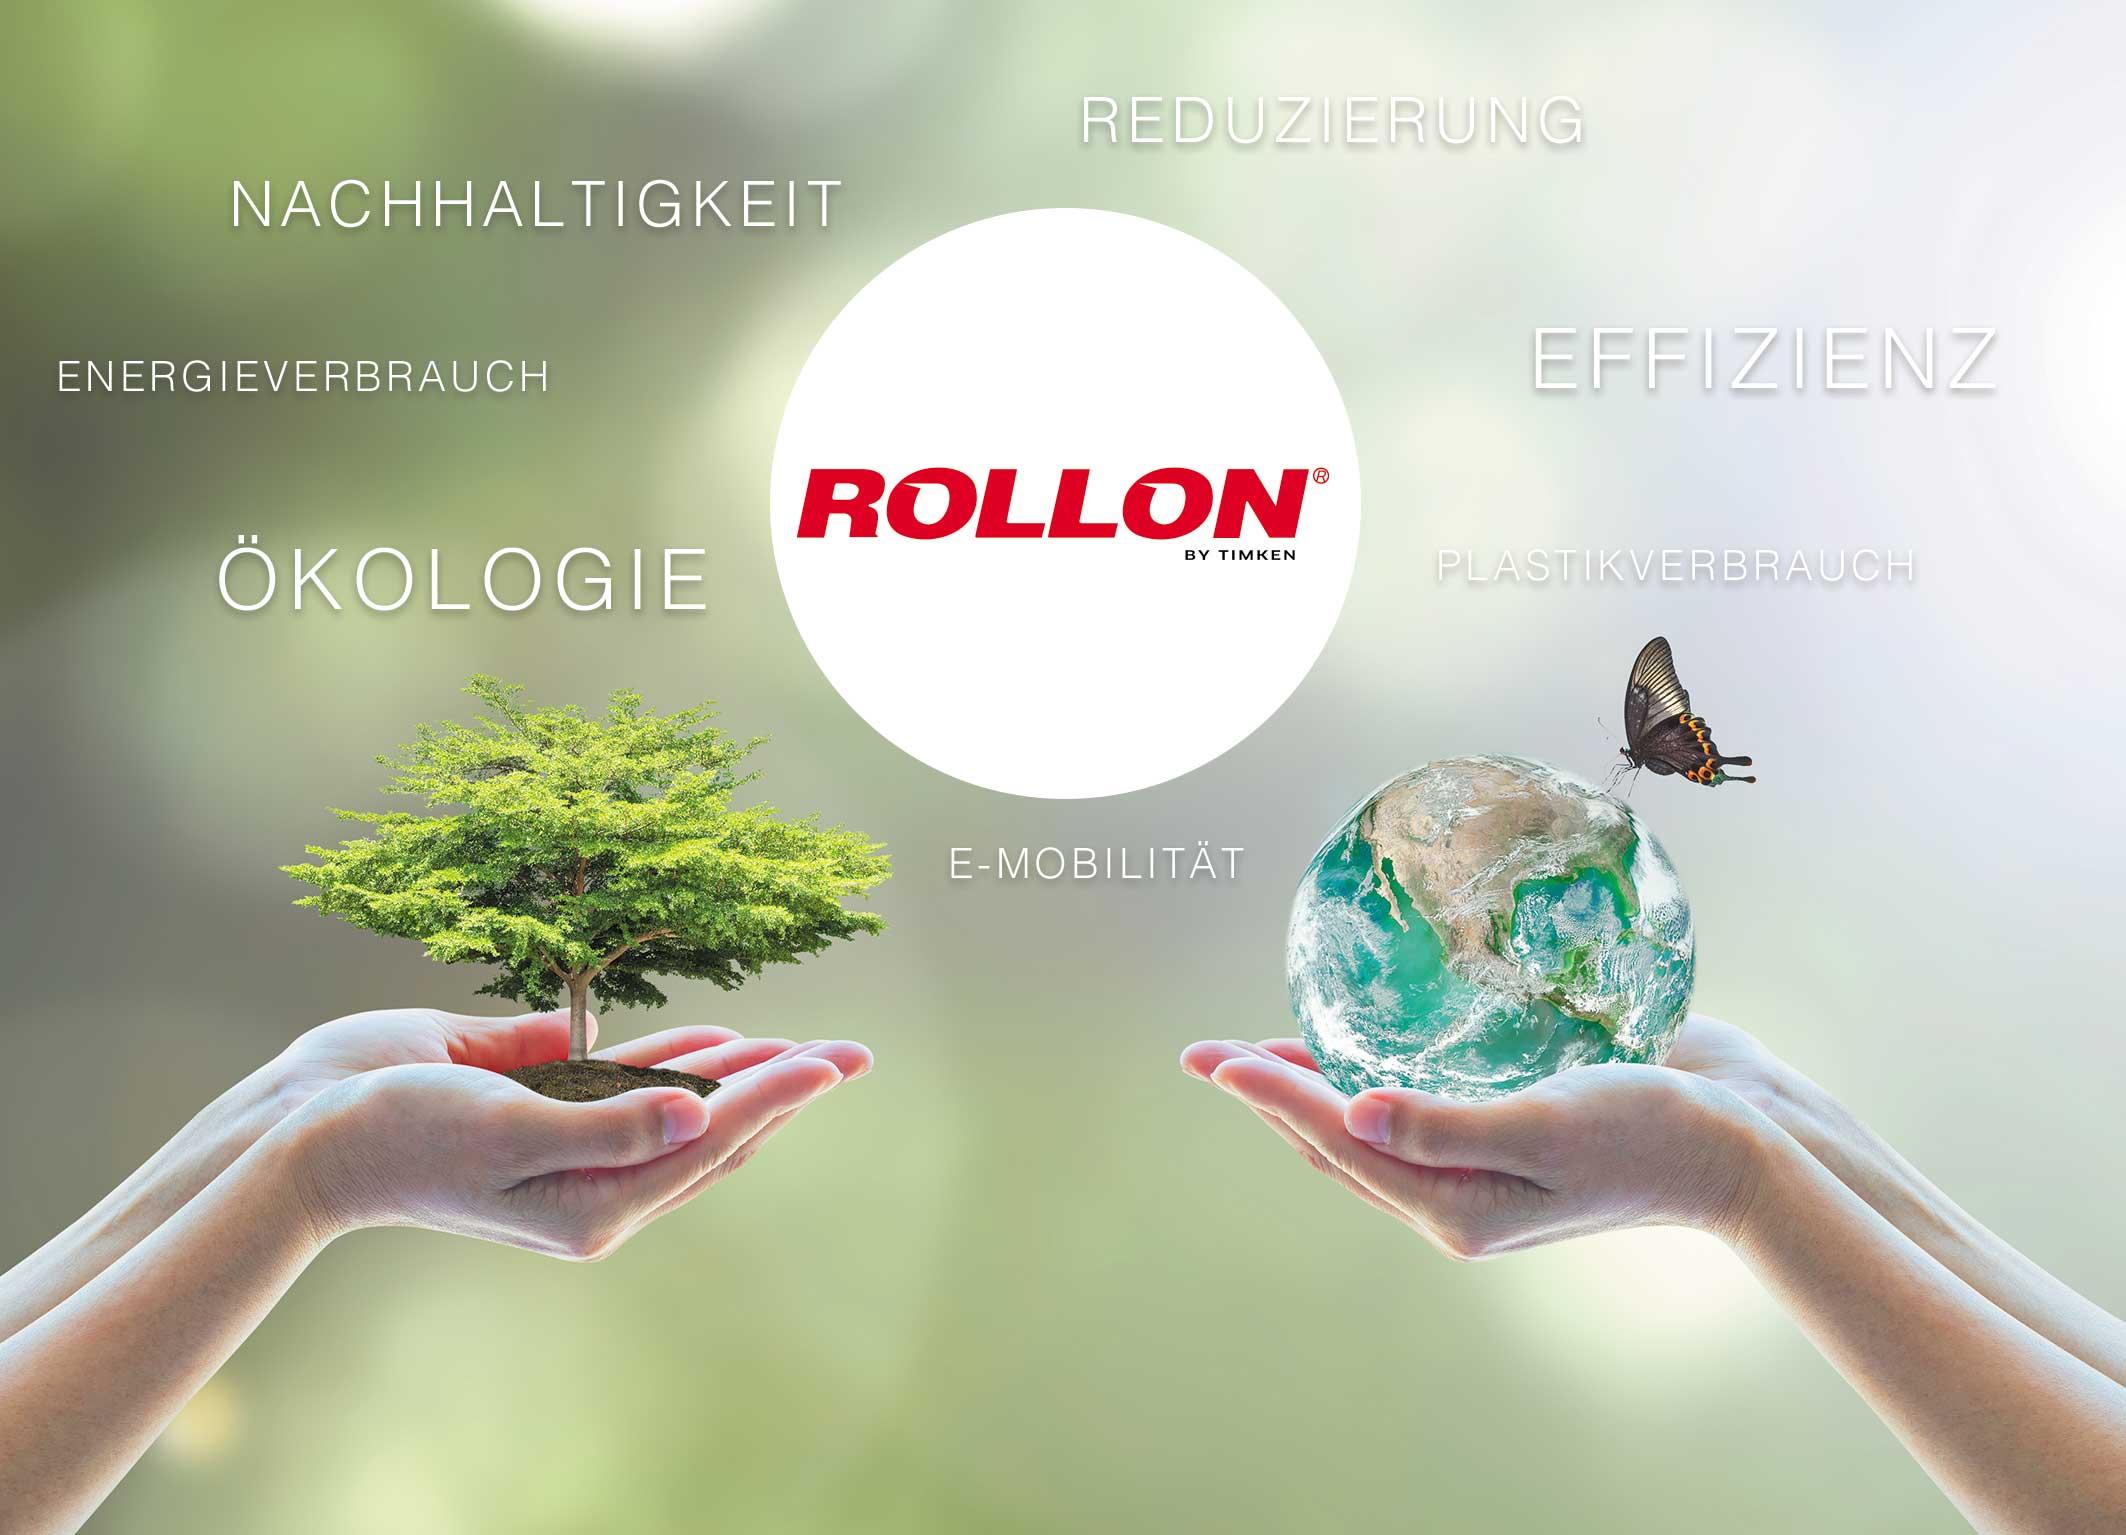 Rollon nimmt Verantwortung ernst